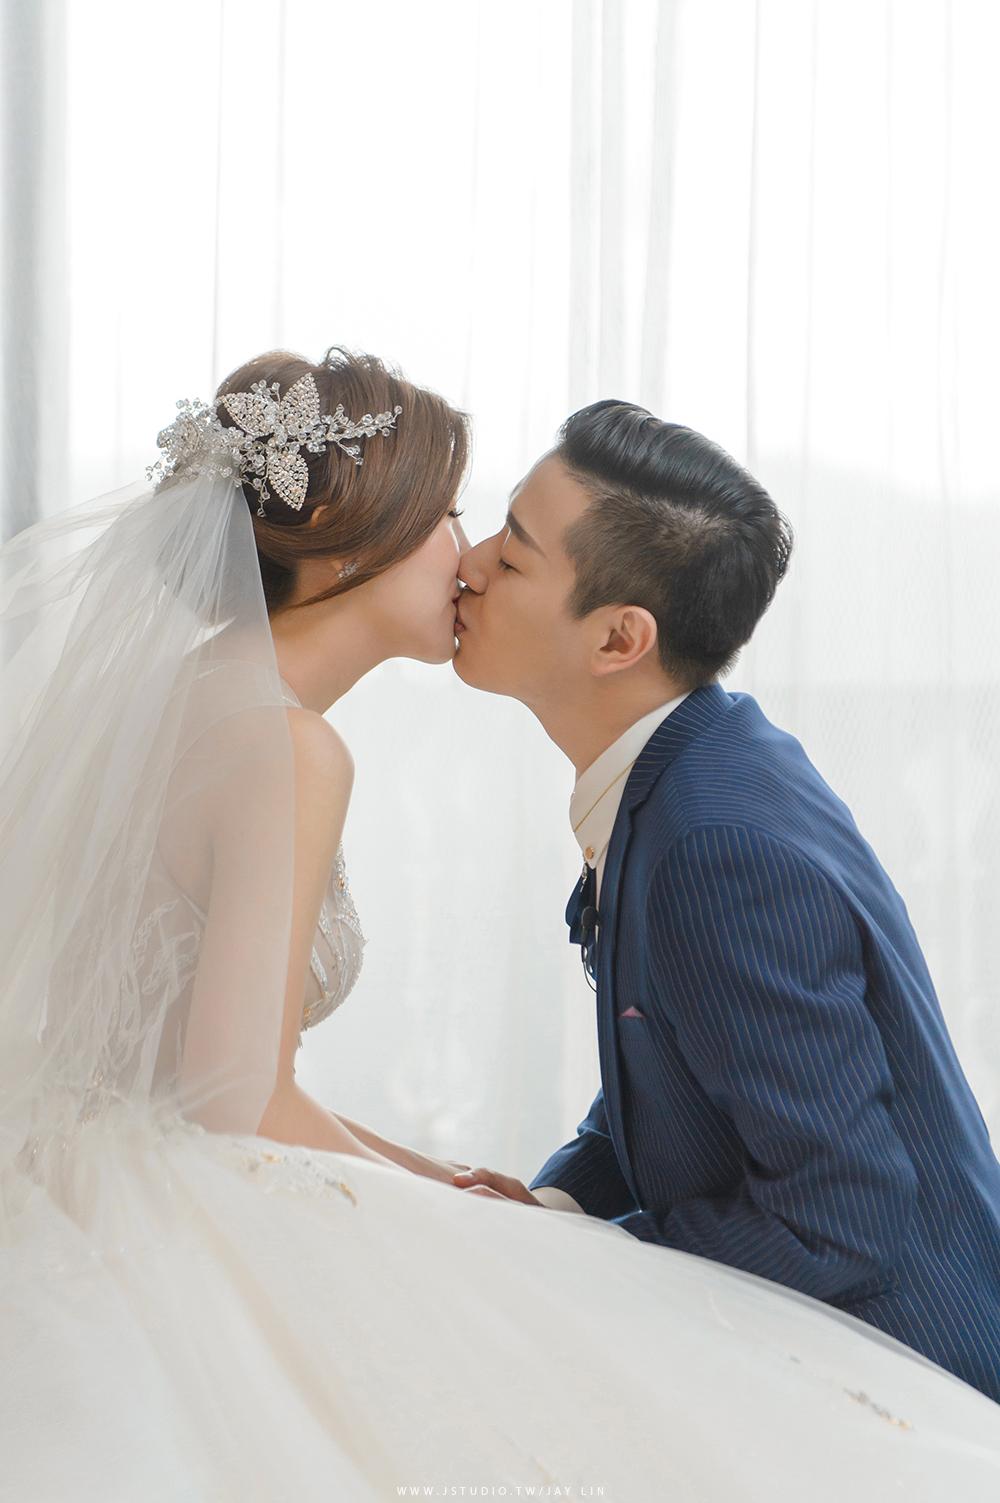 婚攝 台北婚攝 婚禮紀錄 推薦婚攝 美福大飯店JSTUDIO_0111